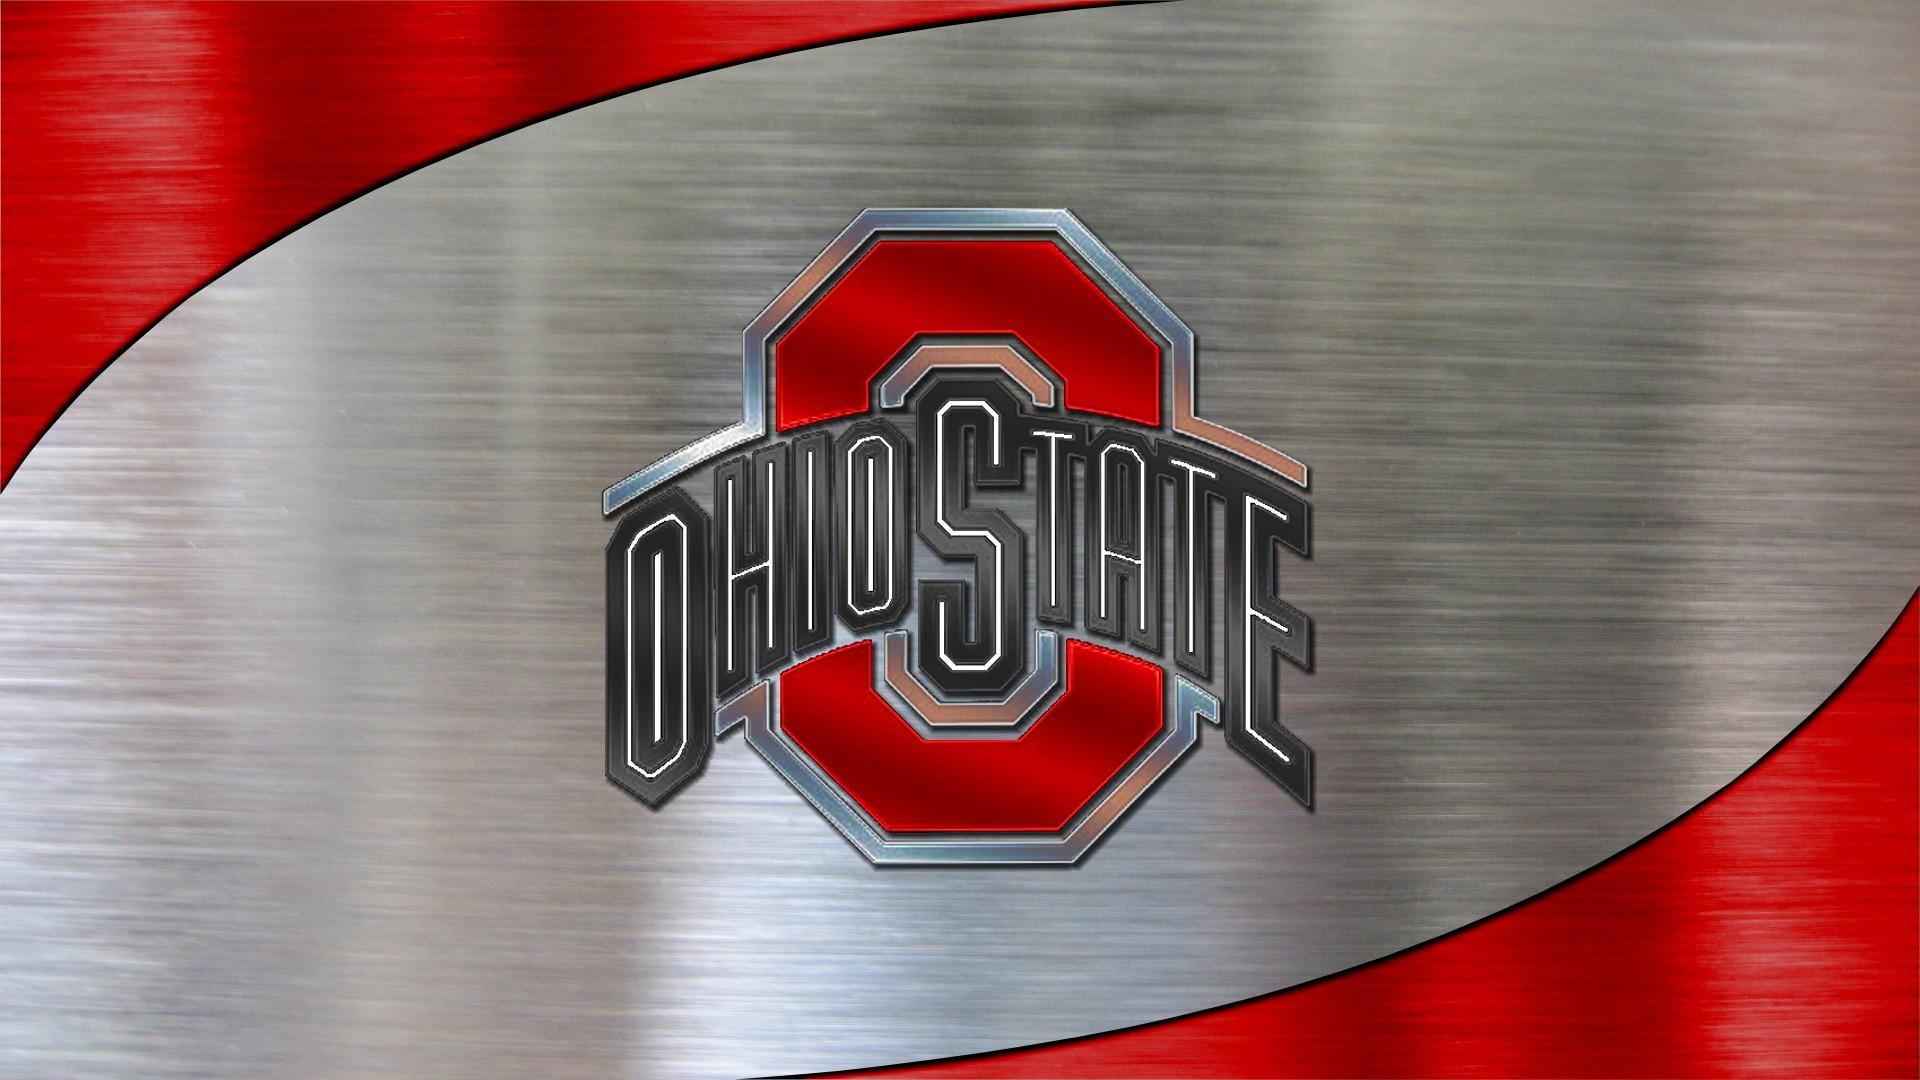 … ohio state wallpaper and screensaver wallpapersafari …